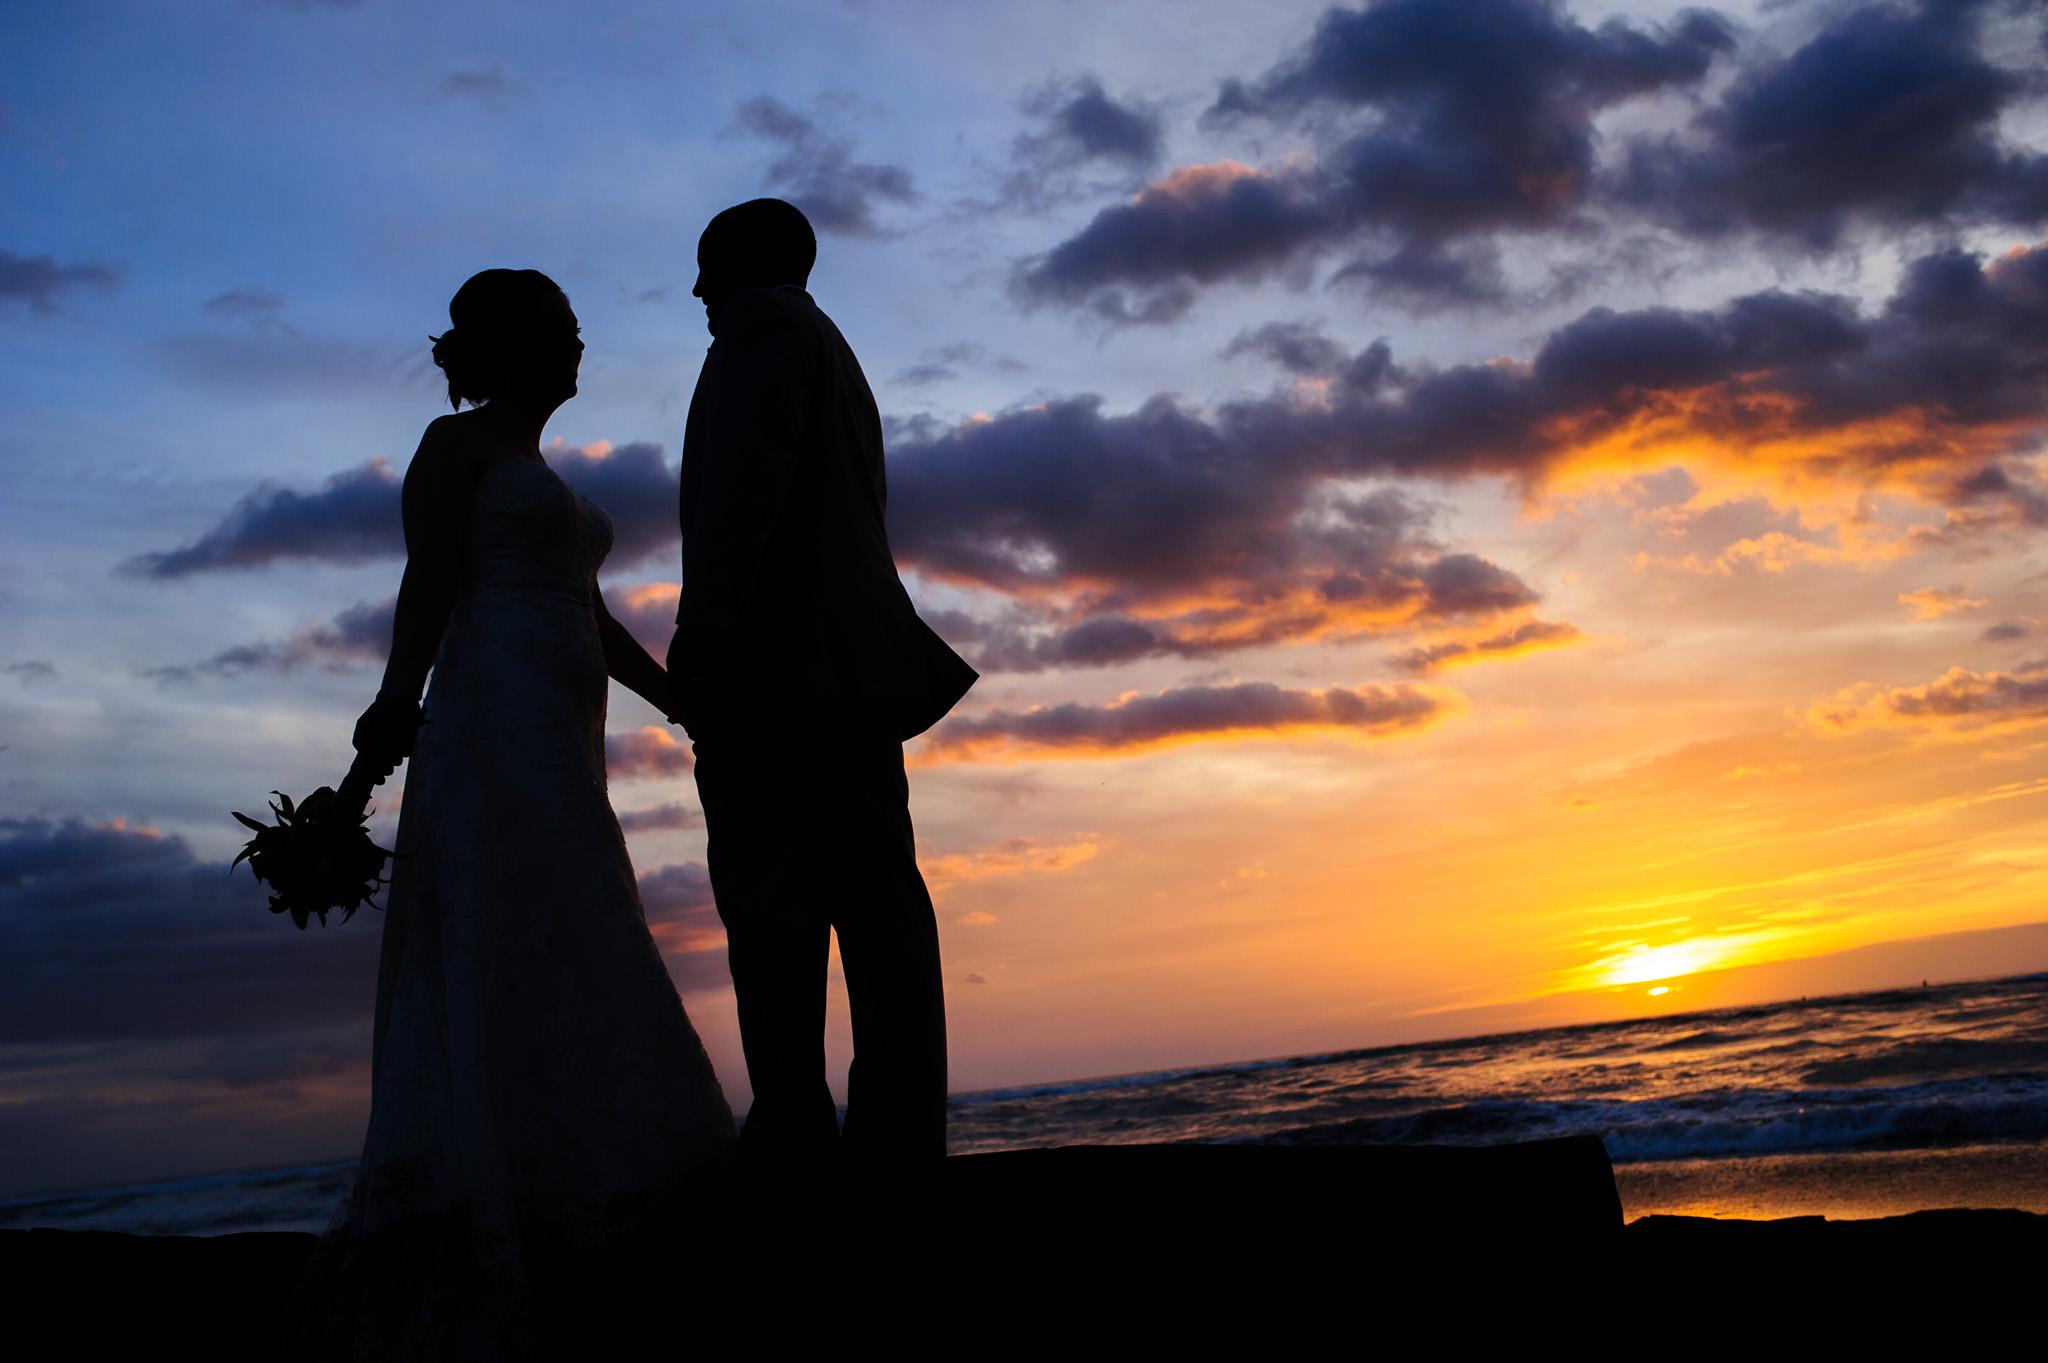 Sunset beach small wedding photos CR